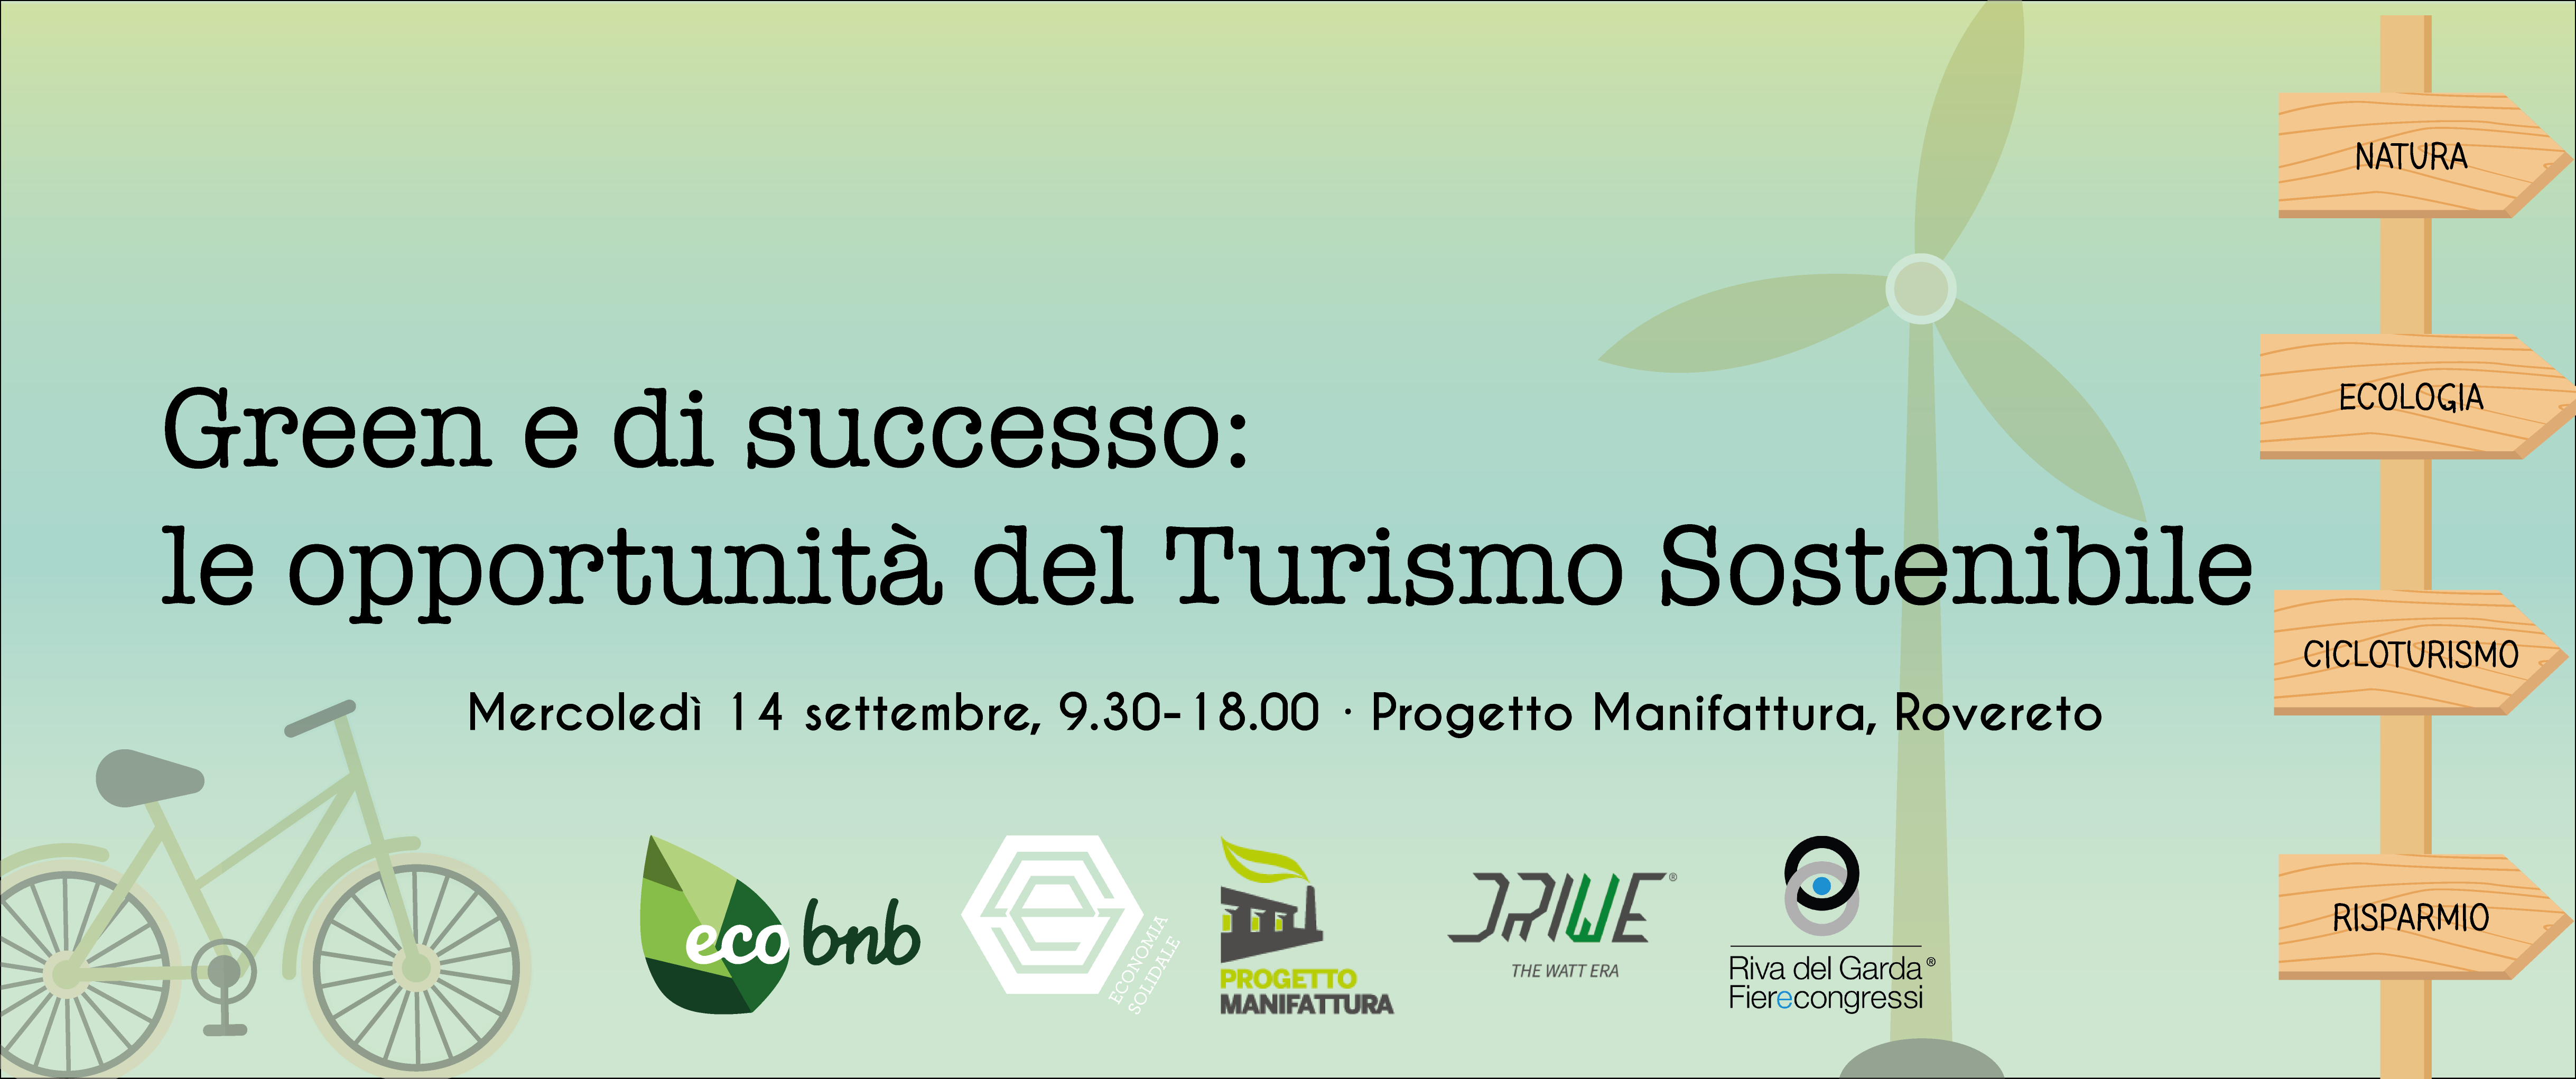 green e di successo: un educational gratuito durante la settimana dell'economia solidale trentina